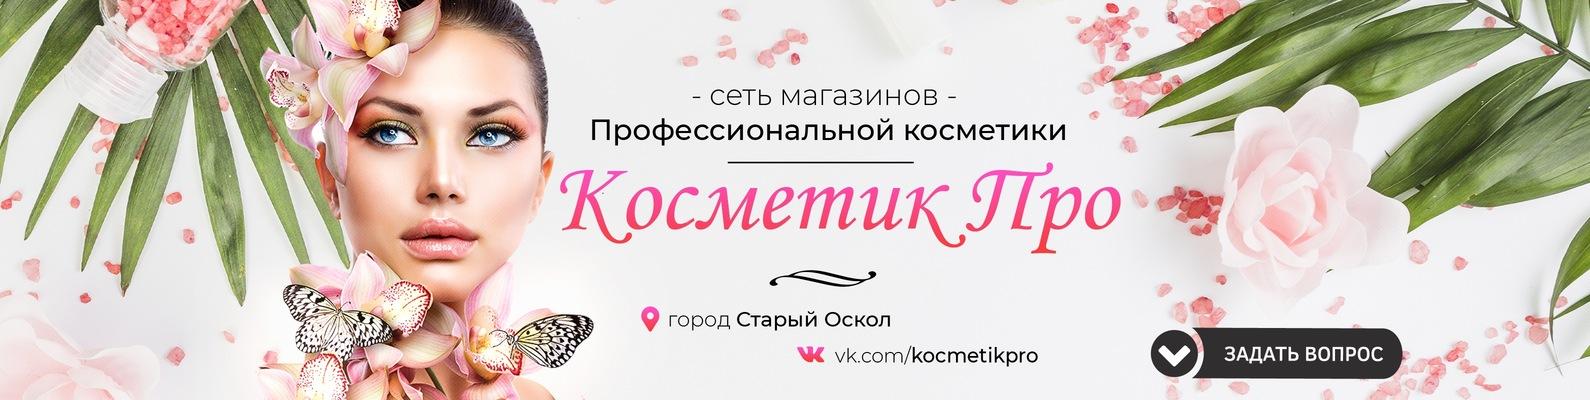 эстетик магазин профессиональной косметики